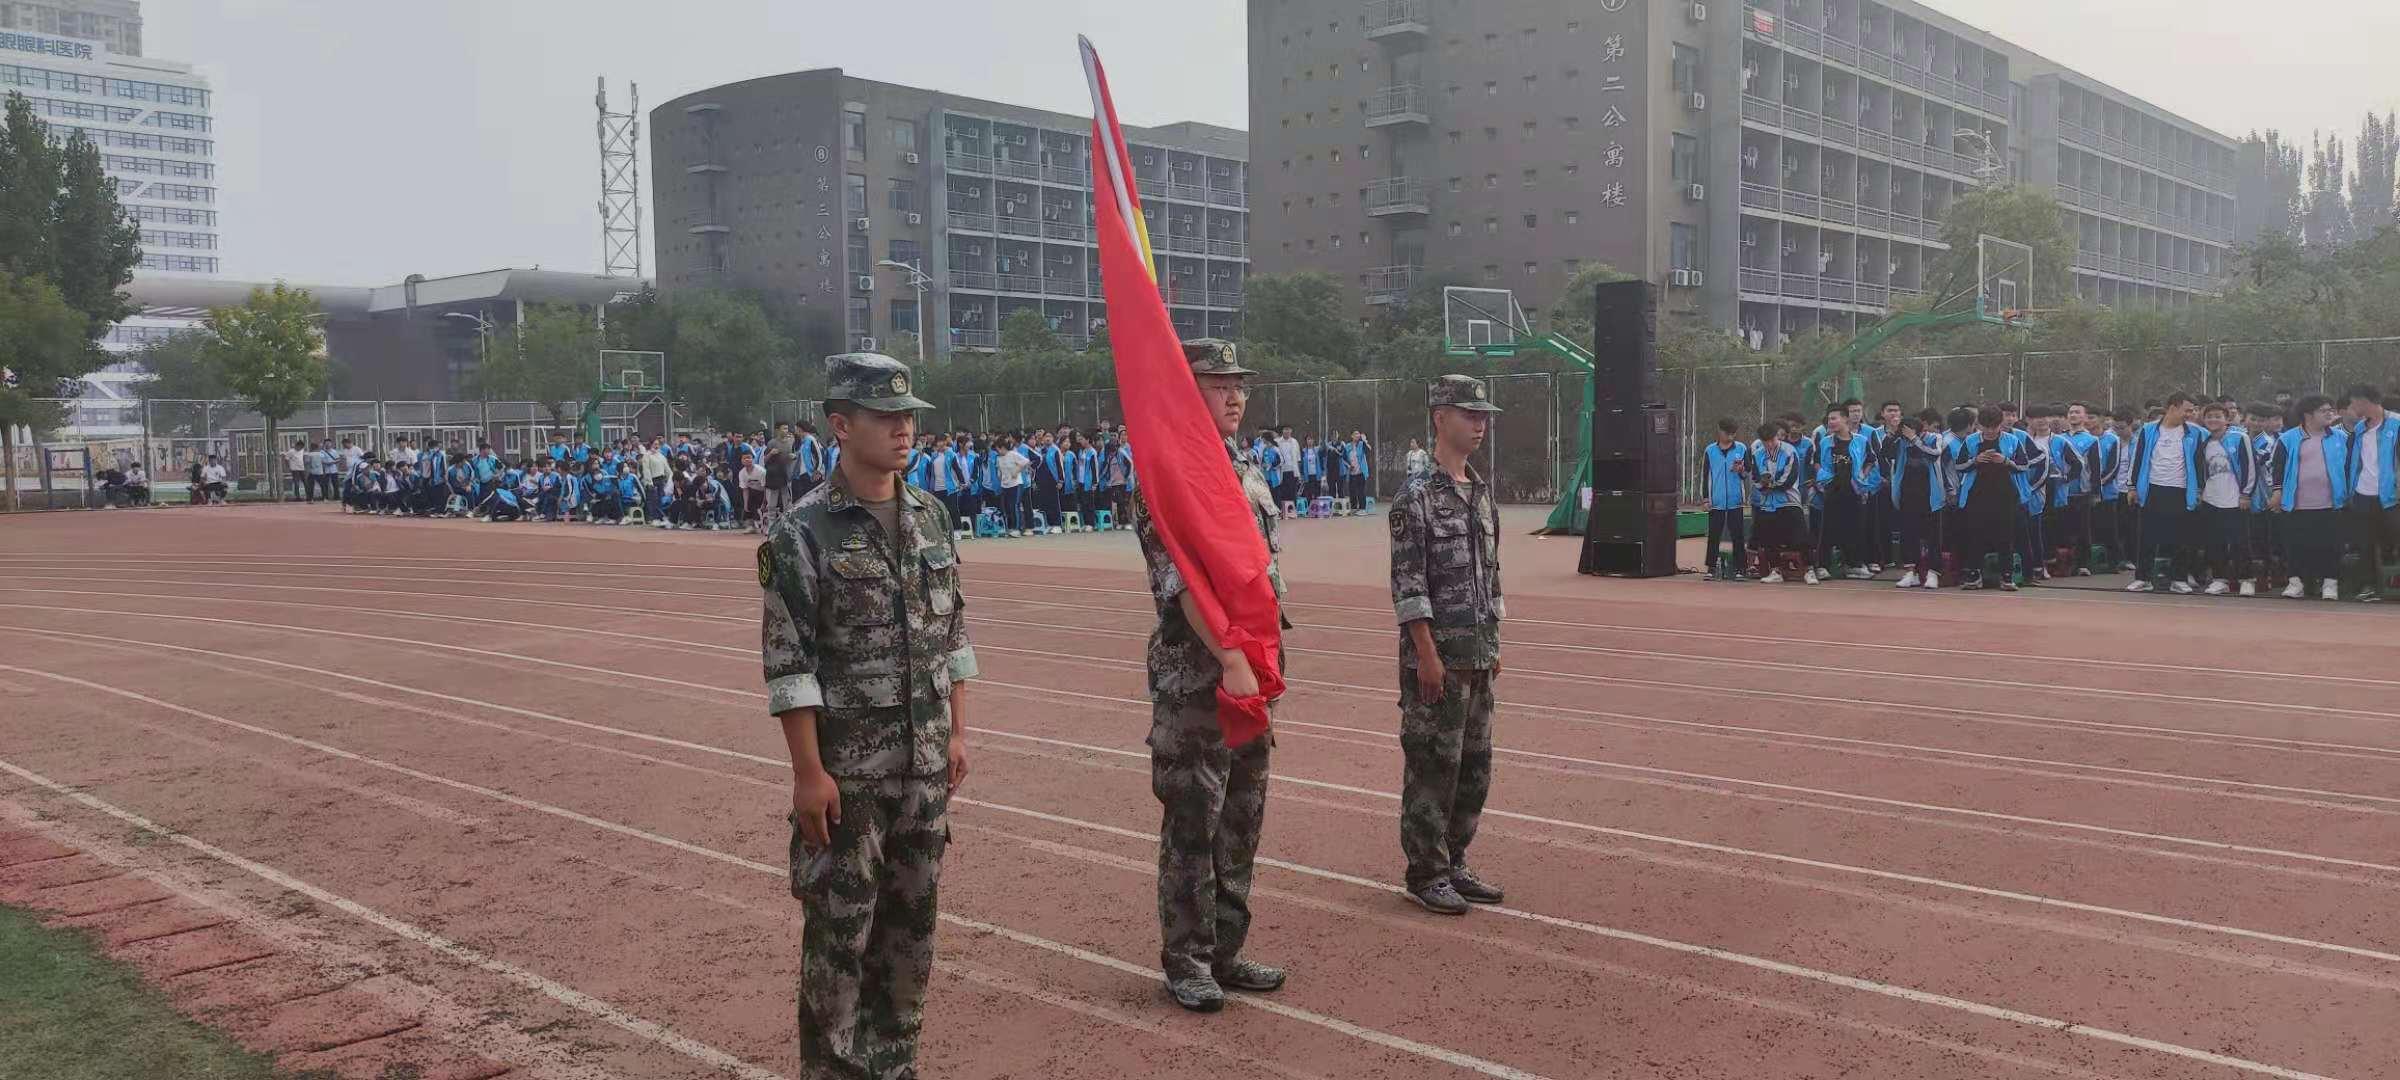 邯郸北方汽修学校军训汇演